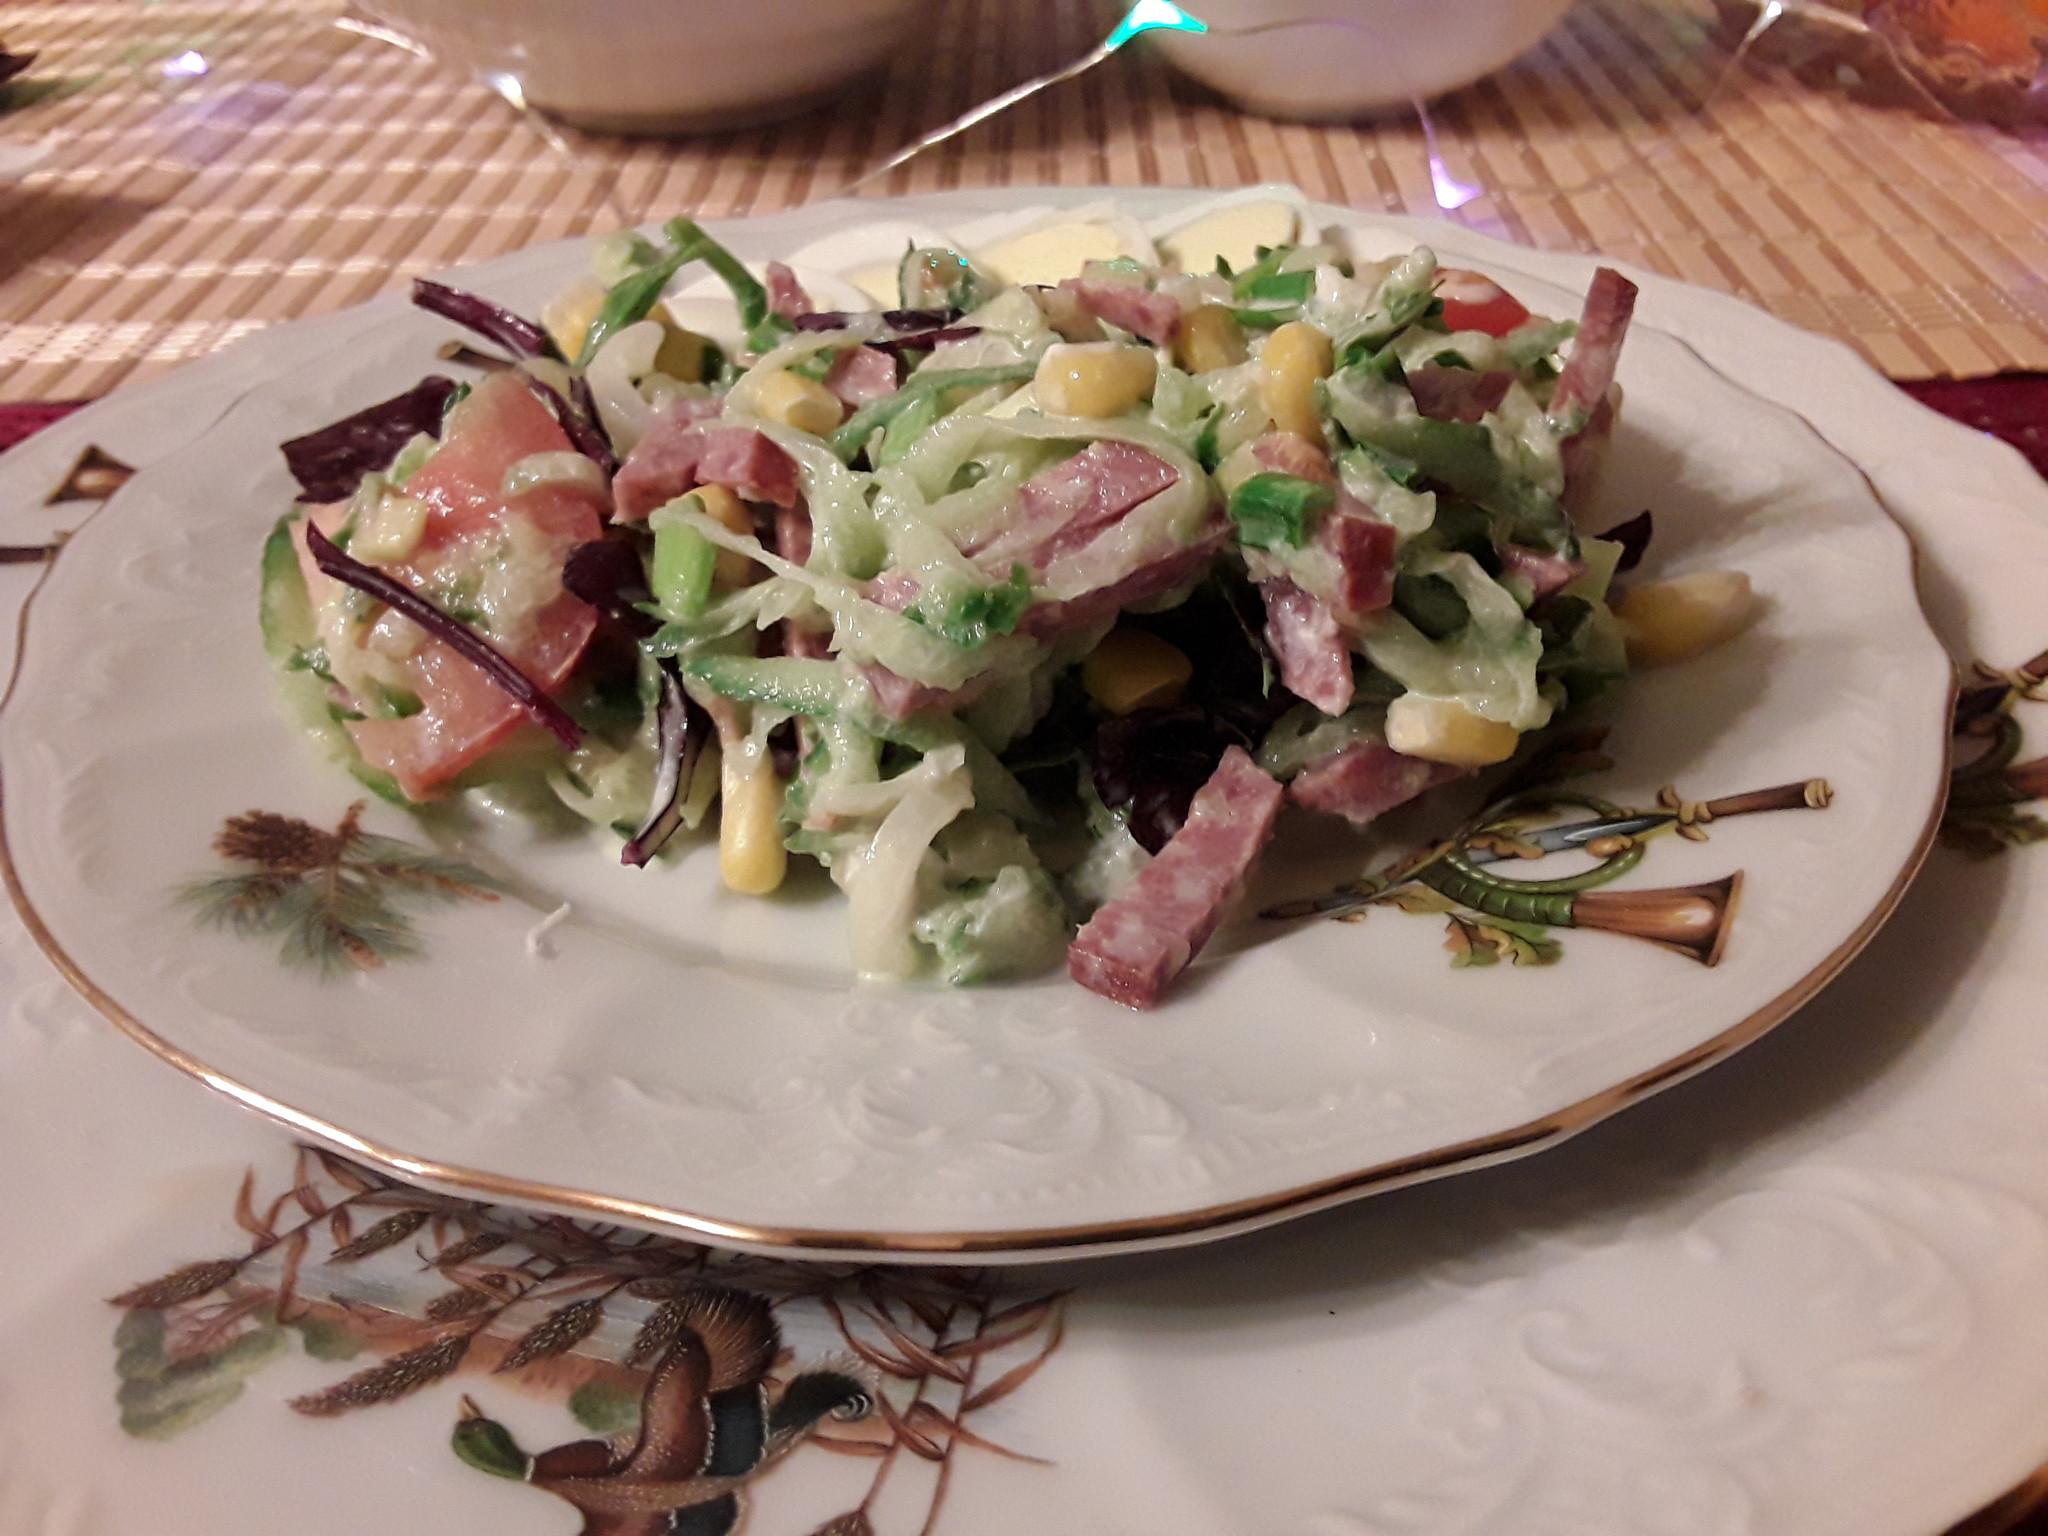 Салат оливье кавычки